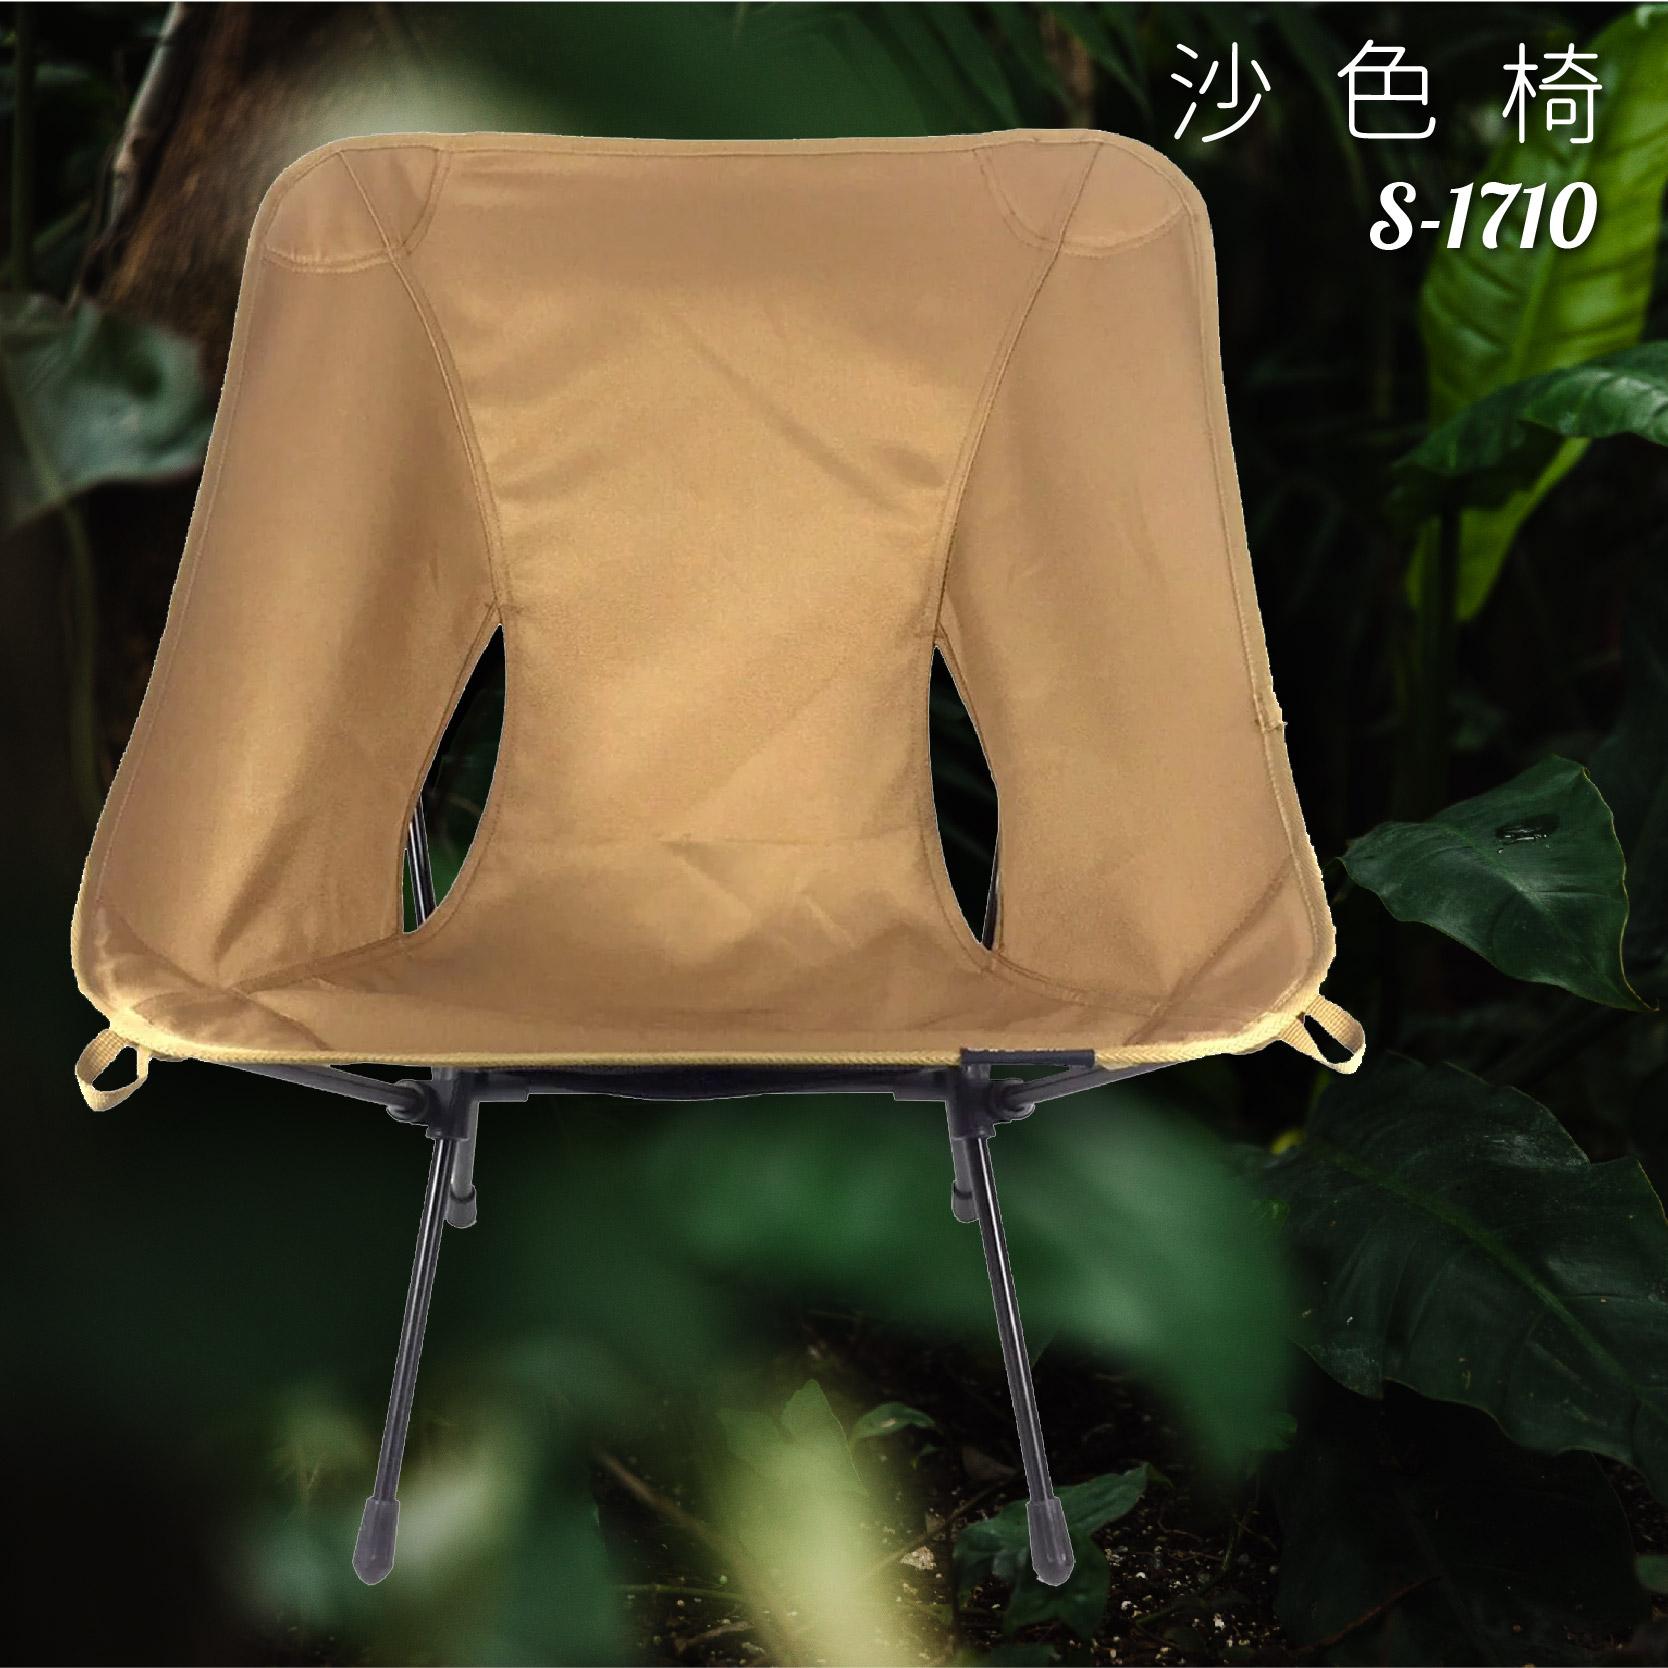 好想去旅行!經典椅 S-1710 沙色 露營椅 摺疊椅 收納椅 沙灘椅 輕巧 時尚 旅行 假期 鋁合金 機能布